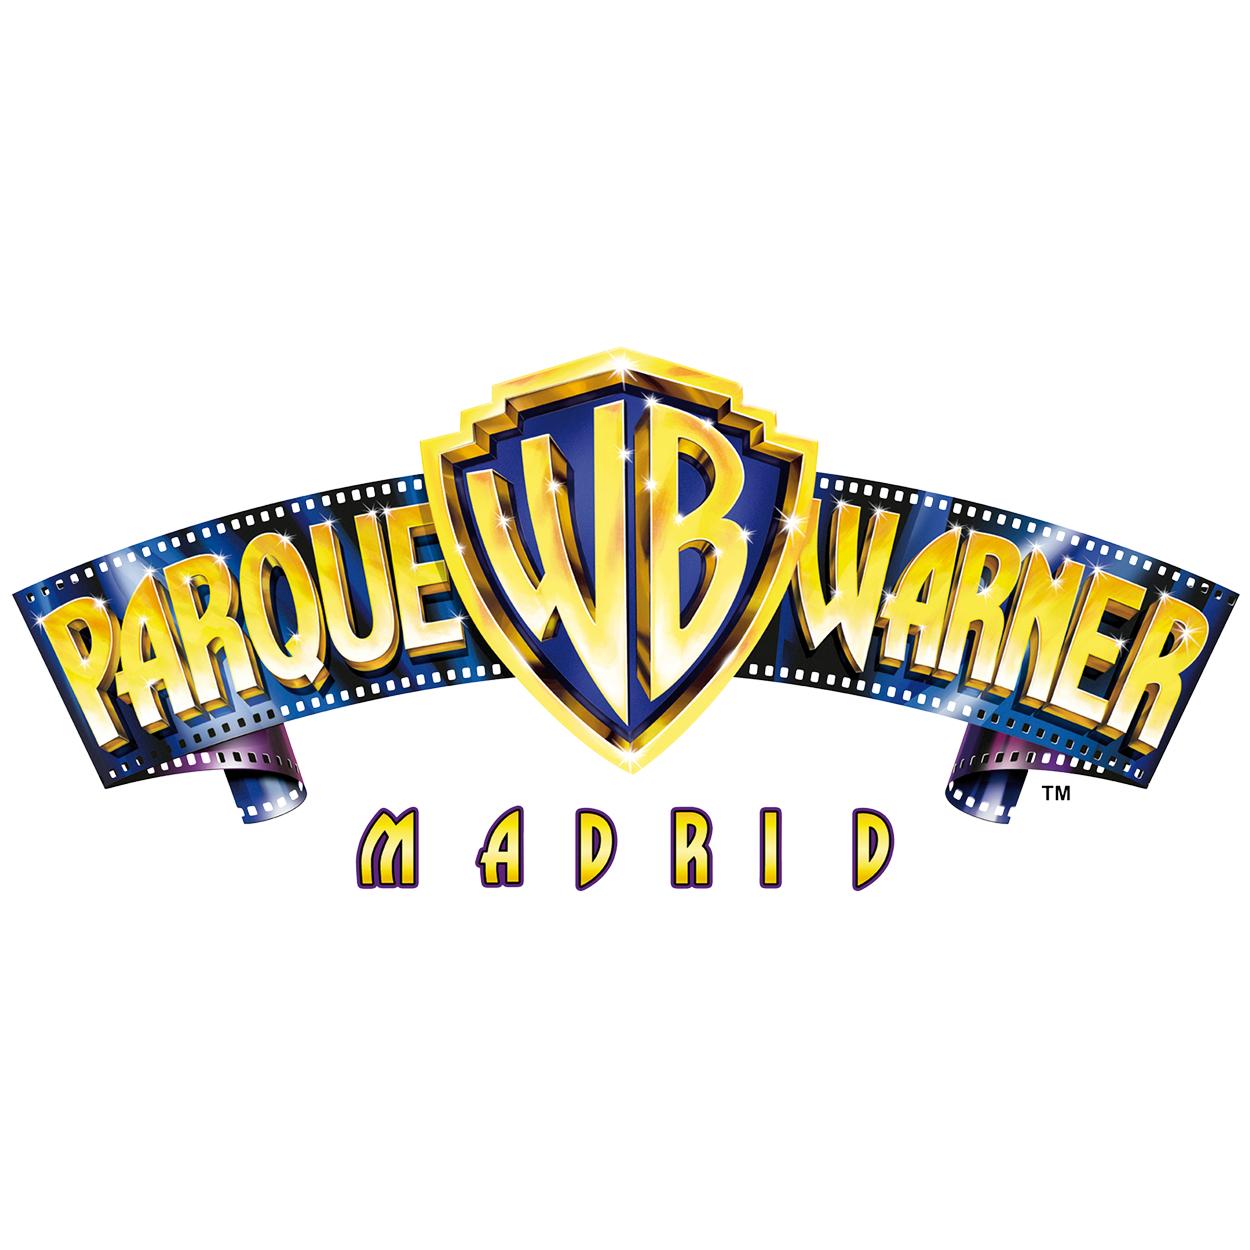 Entradas Parque Warner Madrid a 11,90€ (Se venden detro del parque)